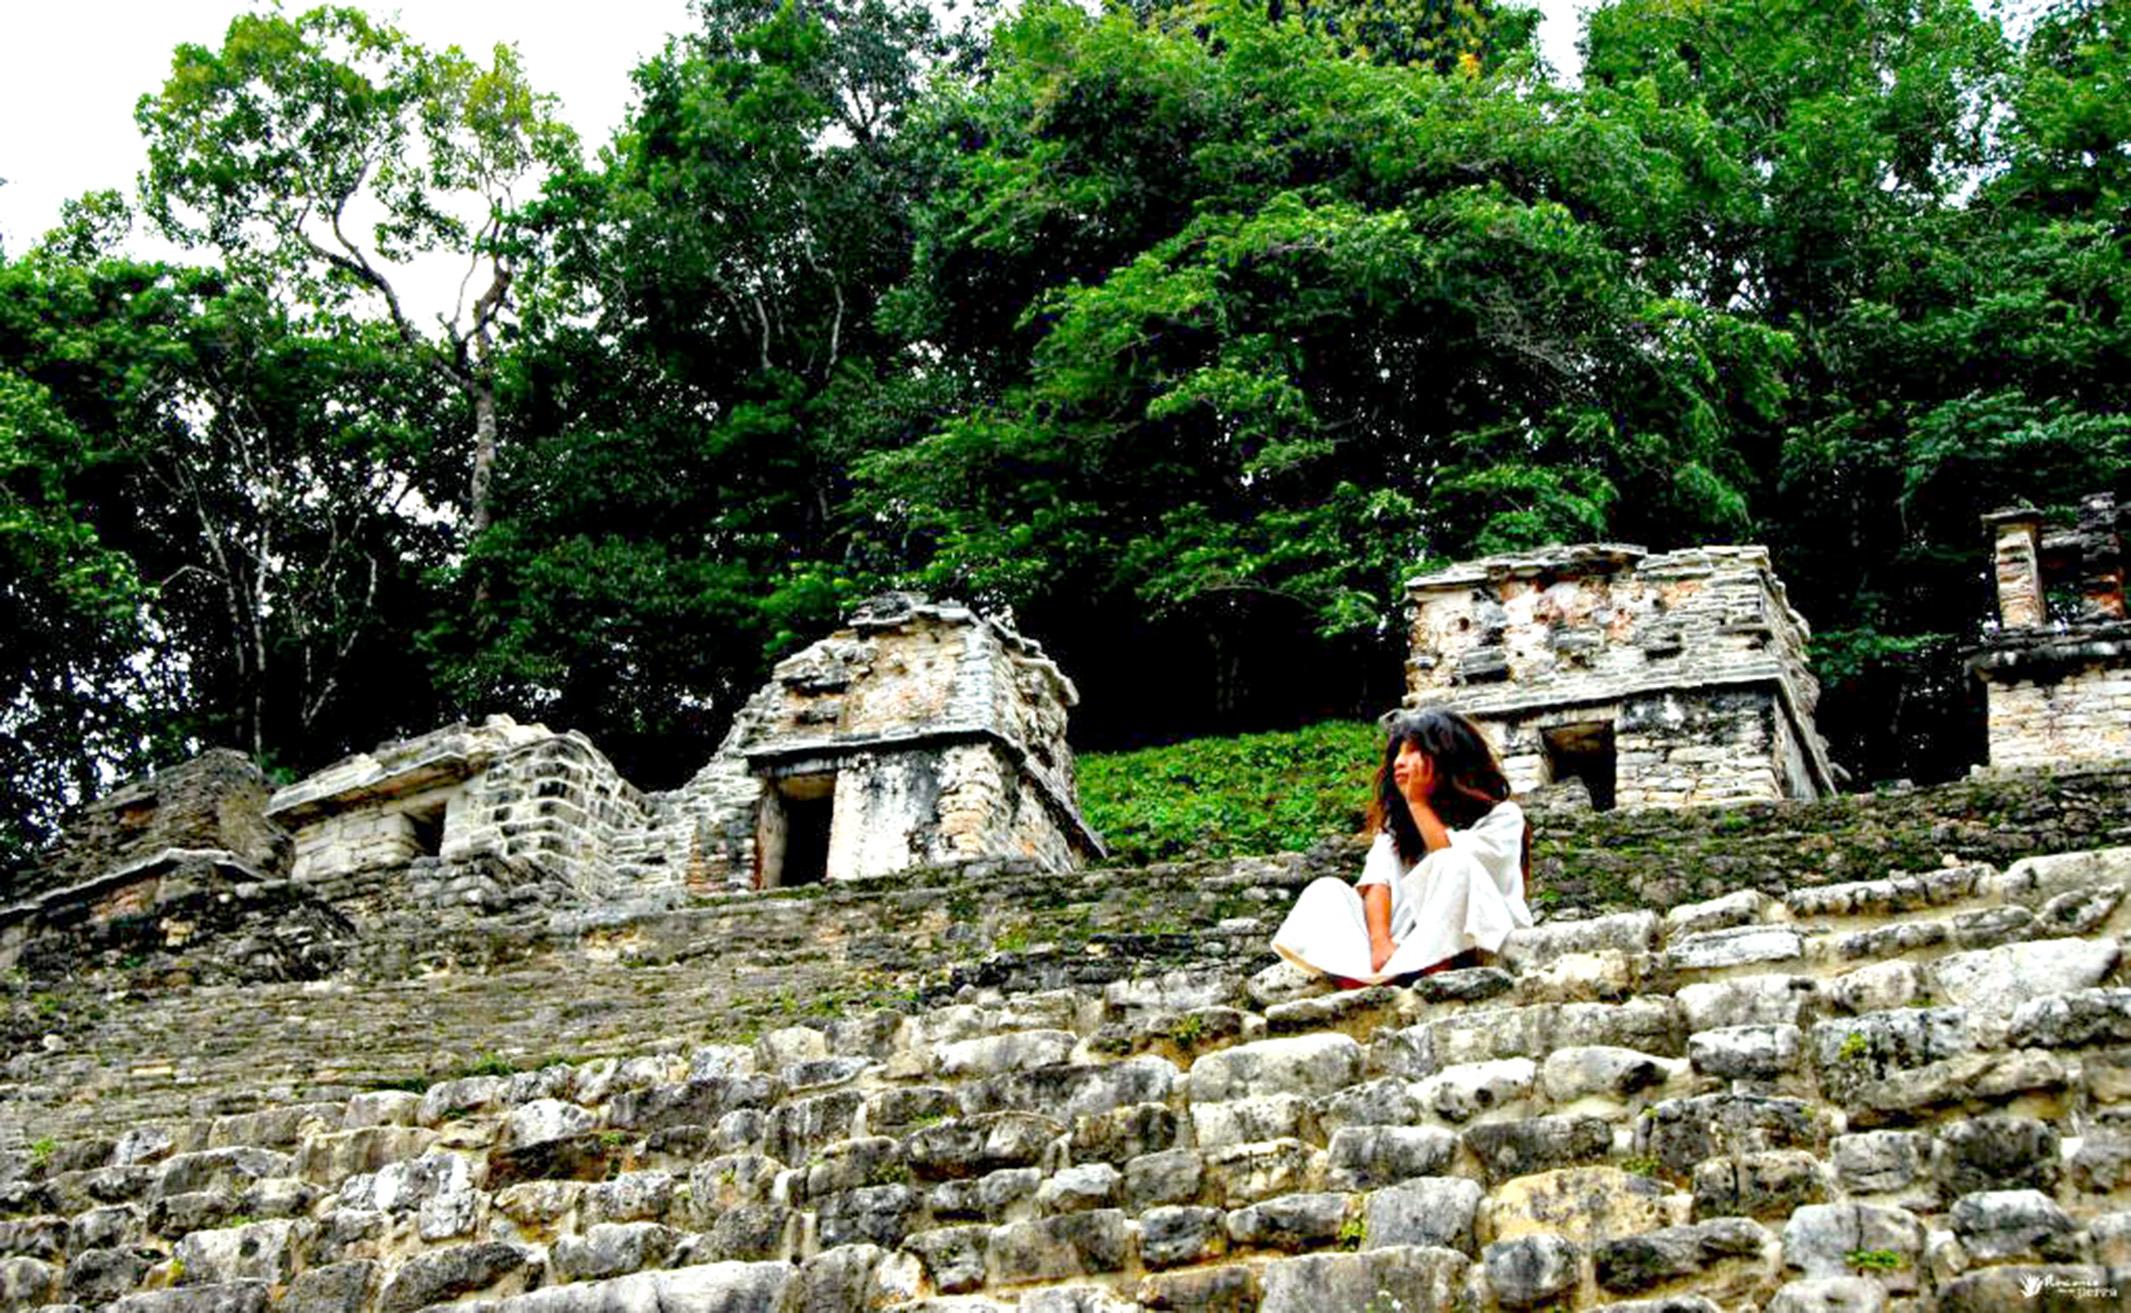 DTour-conoce-Selva-Lacandona-un-paraíso-natural-de-México_-LA-FUENTE-QUERÉTARO-7.jpg